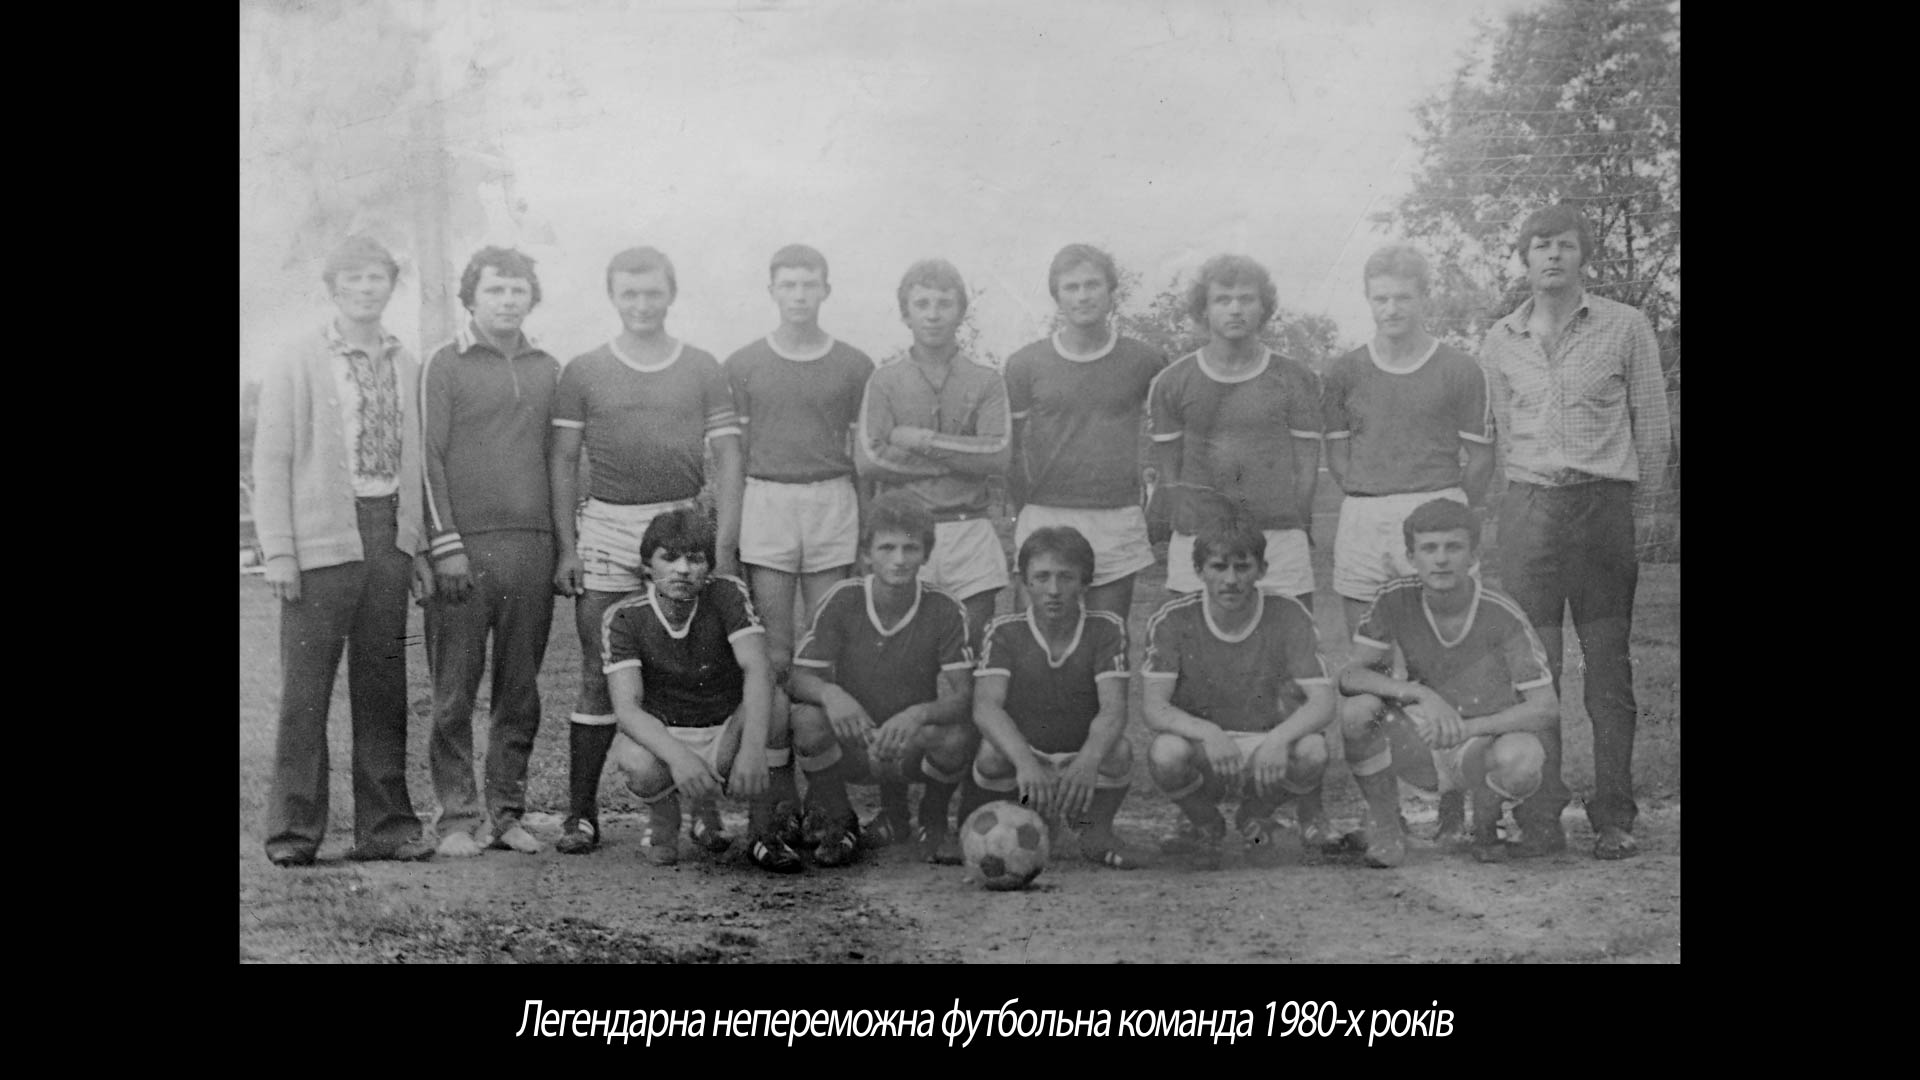 Легендарна непереможна футбольна команда 1980-х років